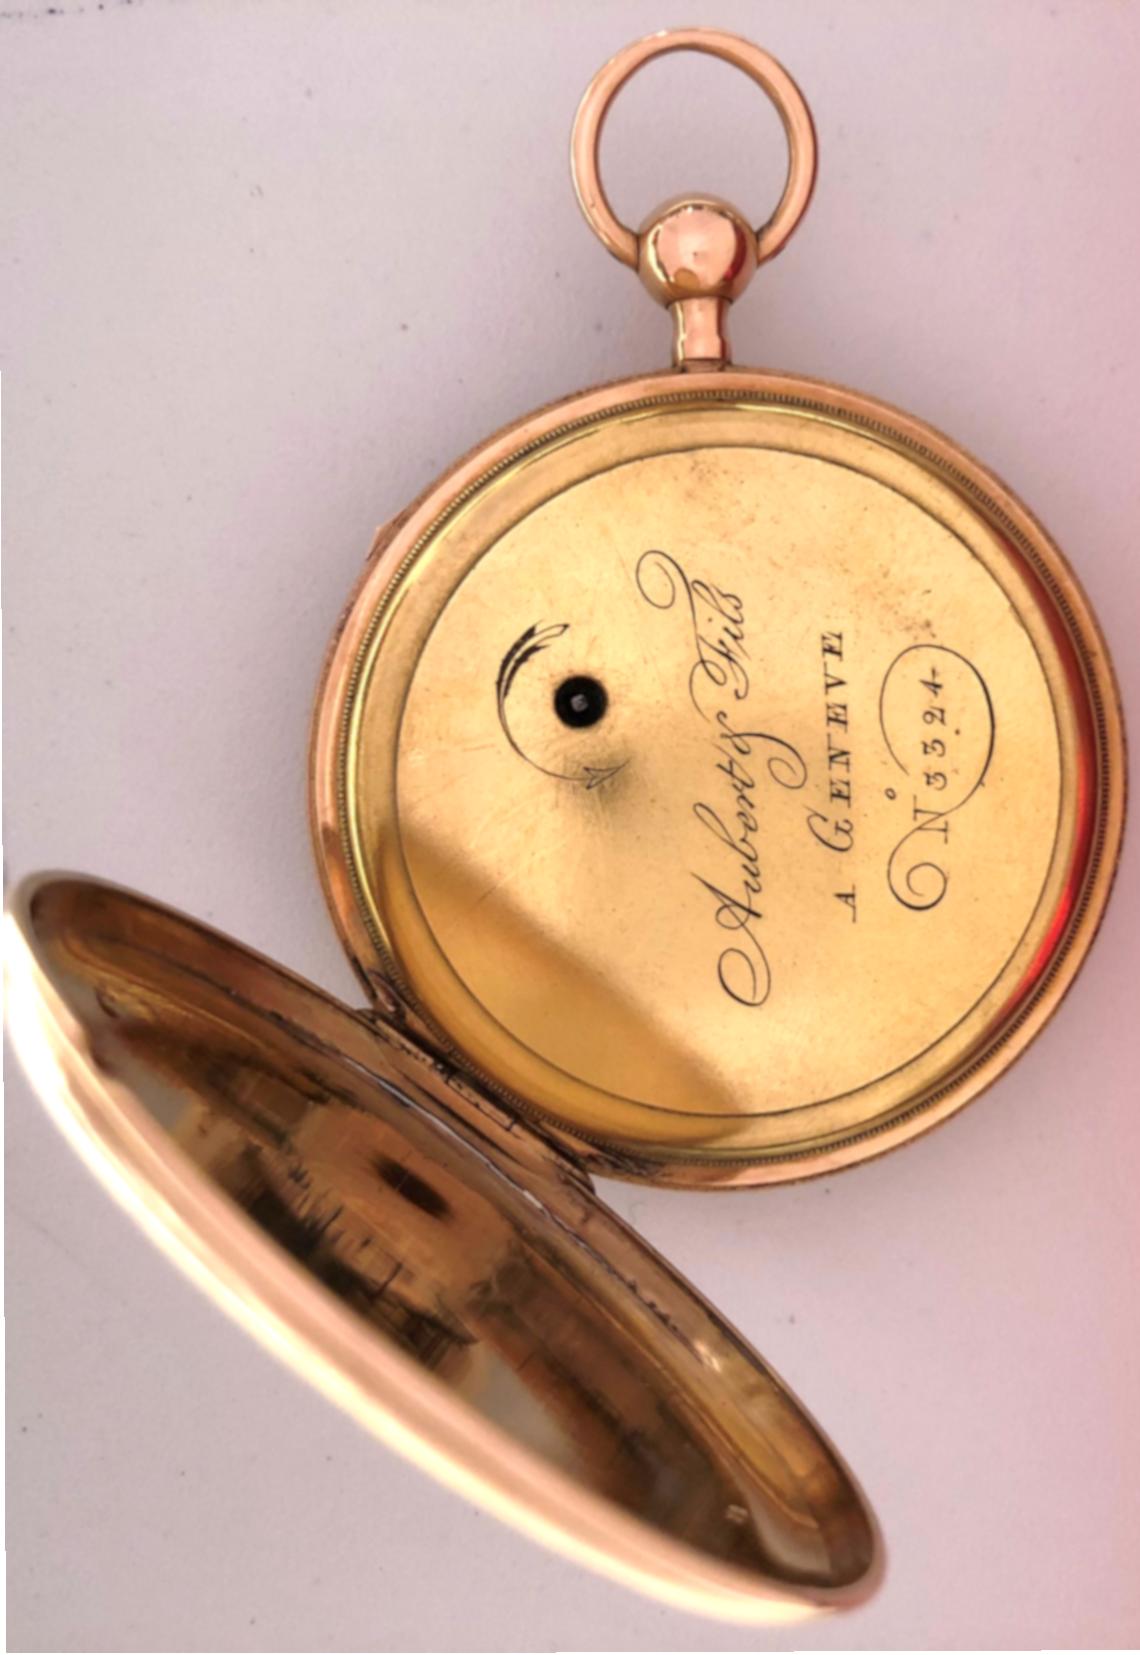 f9fe7b946 Reloj de bolsillo de los maestros relojeros AUBERT & FILS À GÉNÉVE ...